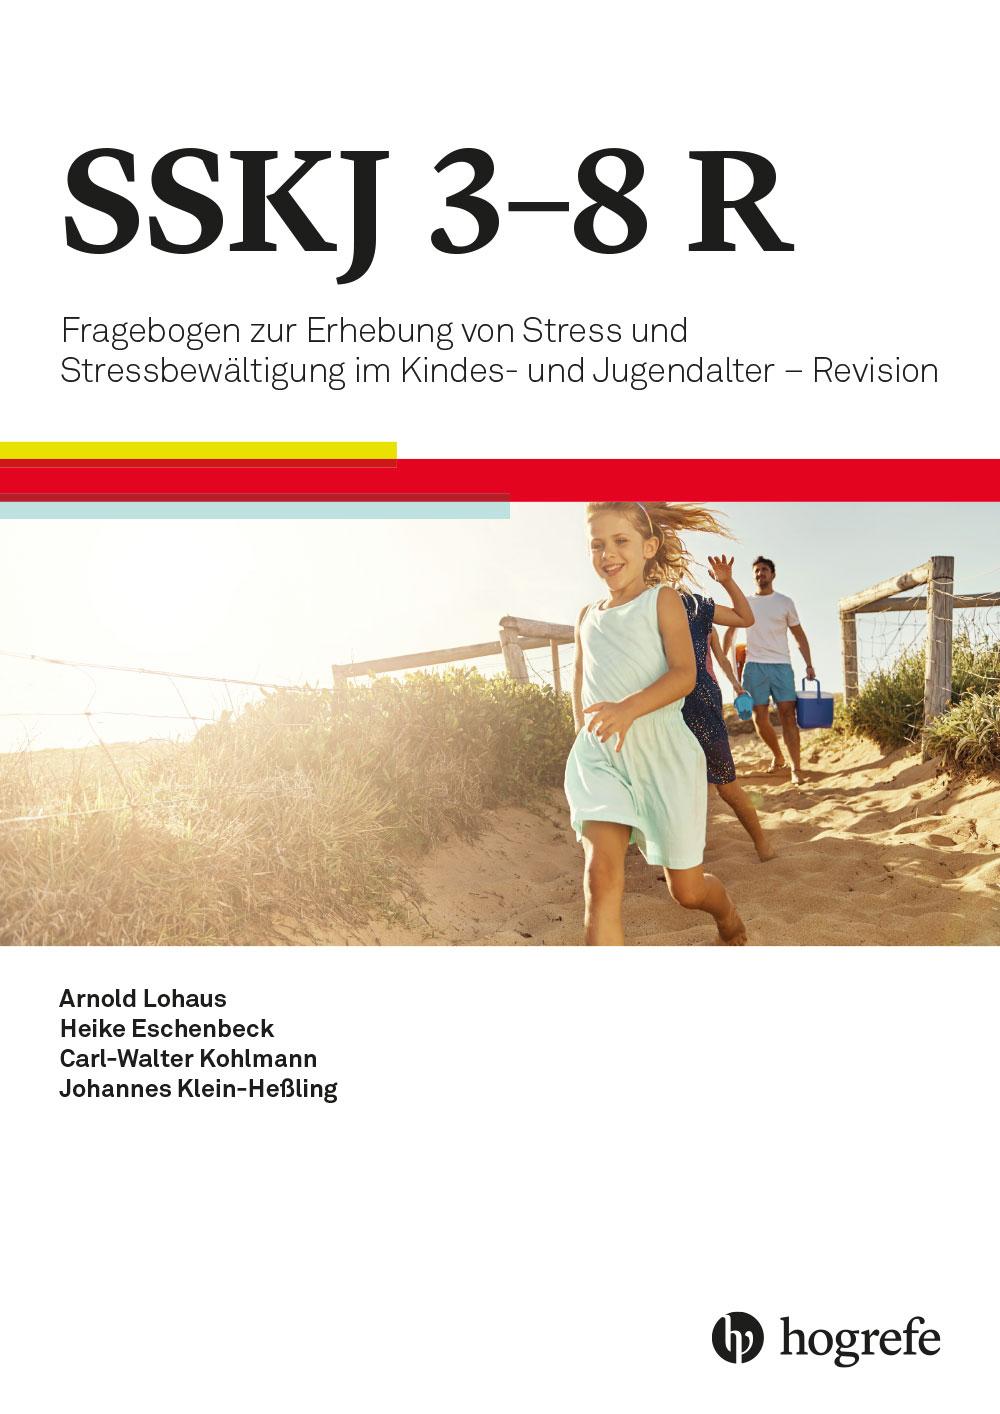 Test komplett bestehend aus: Manual, 10 Stressfragebogen, Schablonensatz, 10 Auswertungsbogen und Mappe